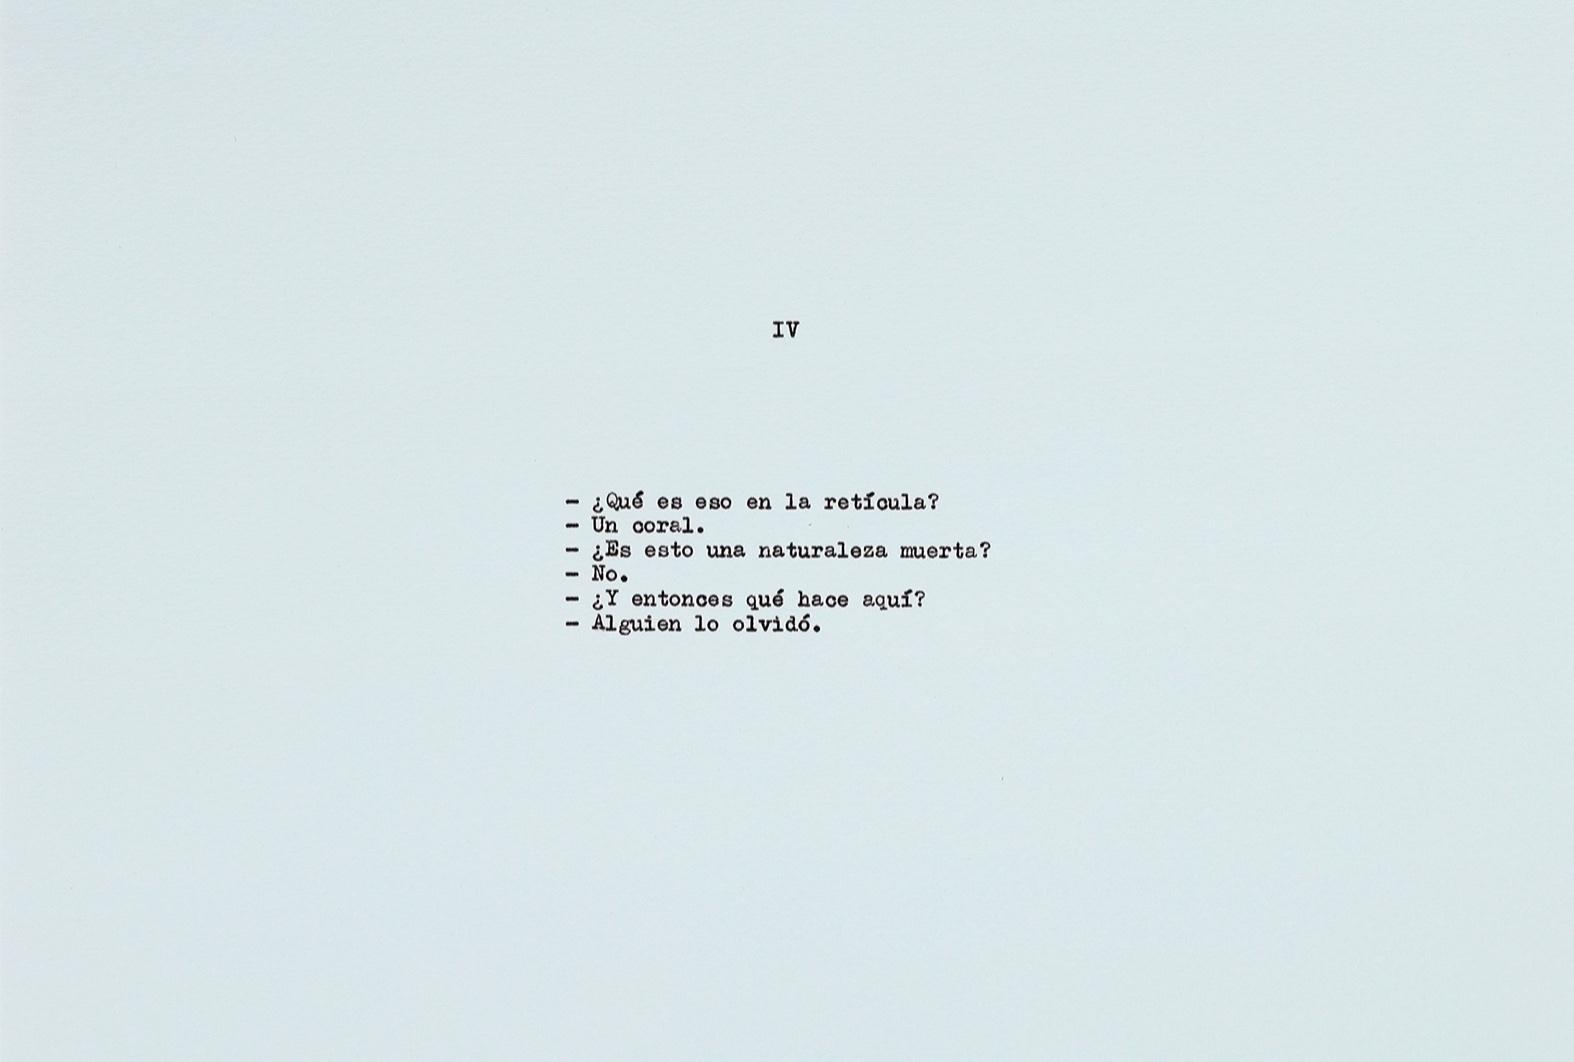 Diálogo sobre un poeta, una manzana y una retícula (Parte dos) I / Dialogue about a Poet, an Apple. and a Grid (Part two) I, 2019  Tinta sobre papel / Ink on paper  Políptico de 10 piezas de 37.5 cm x 27.5 cm / 10 piece polyptych, 37.5 cm x 27.5 cm each   Detalle / Detail    Fotografía: Estudio Jorge Mendez Blake